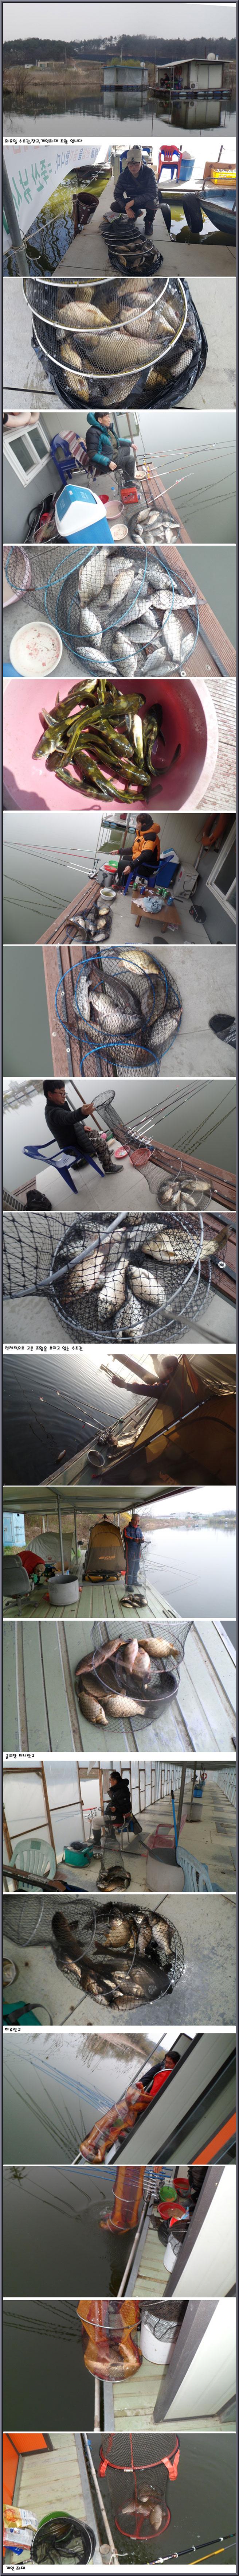 아산죽산지4/1일 화요일 각 포인트 조황 입니다